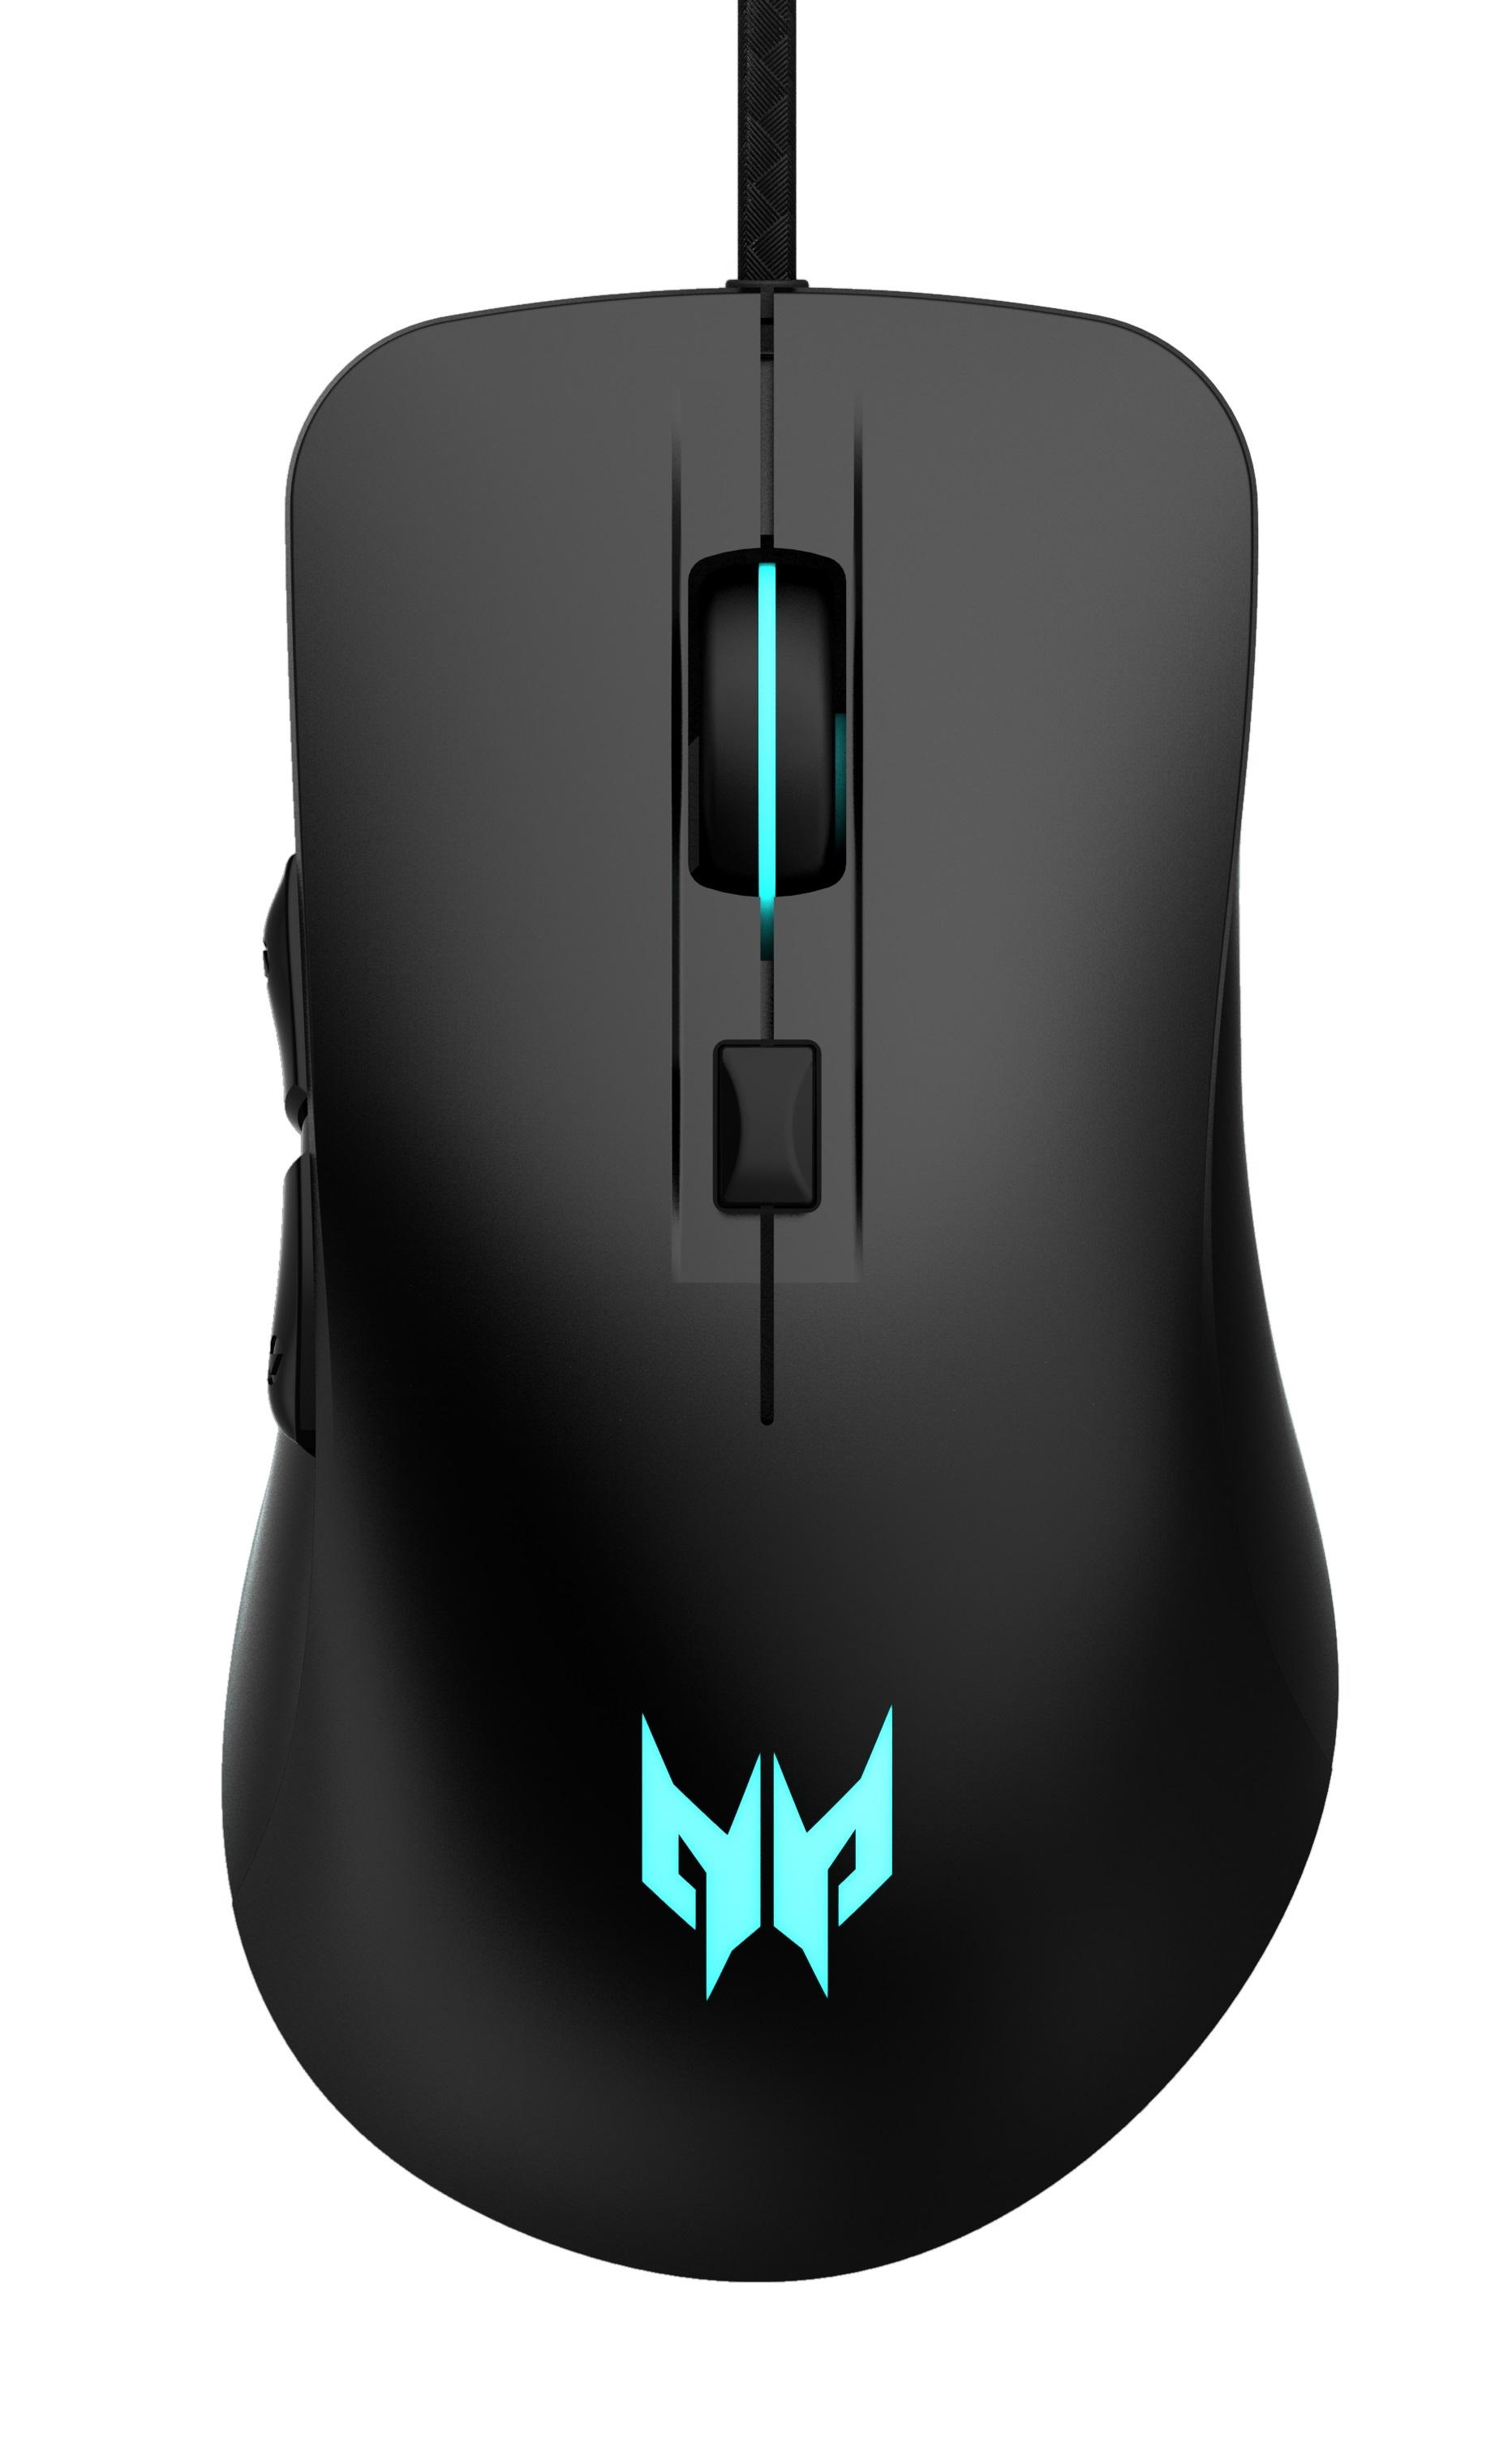 Souris Gamer Predator Cestus 310 Acer Noir